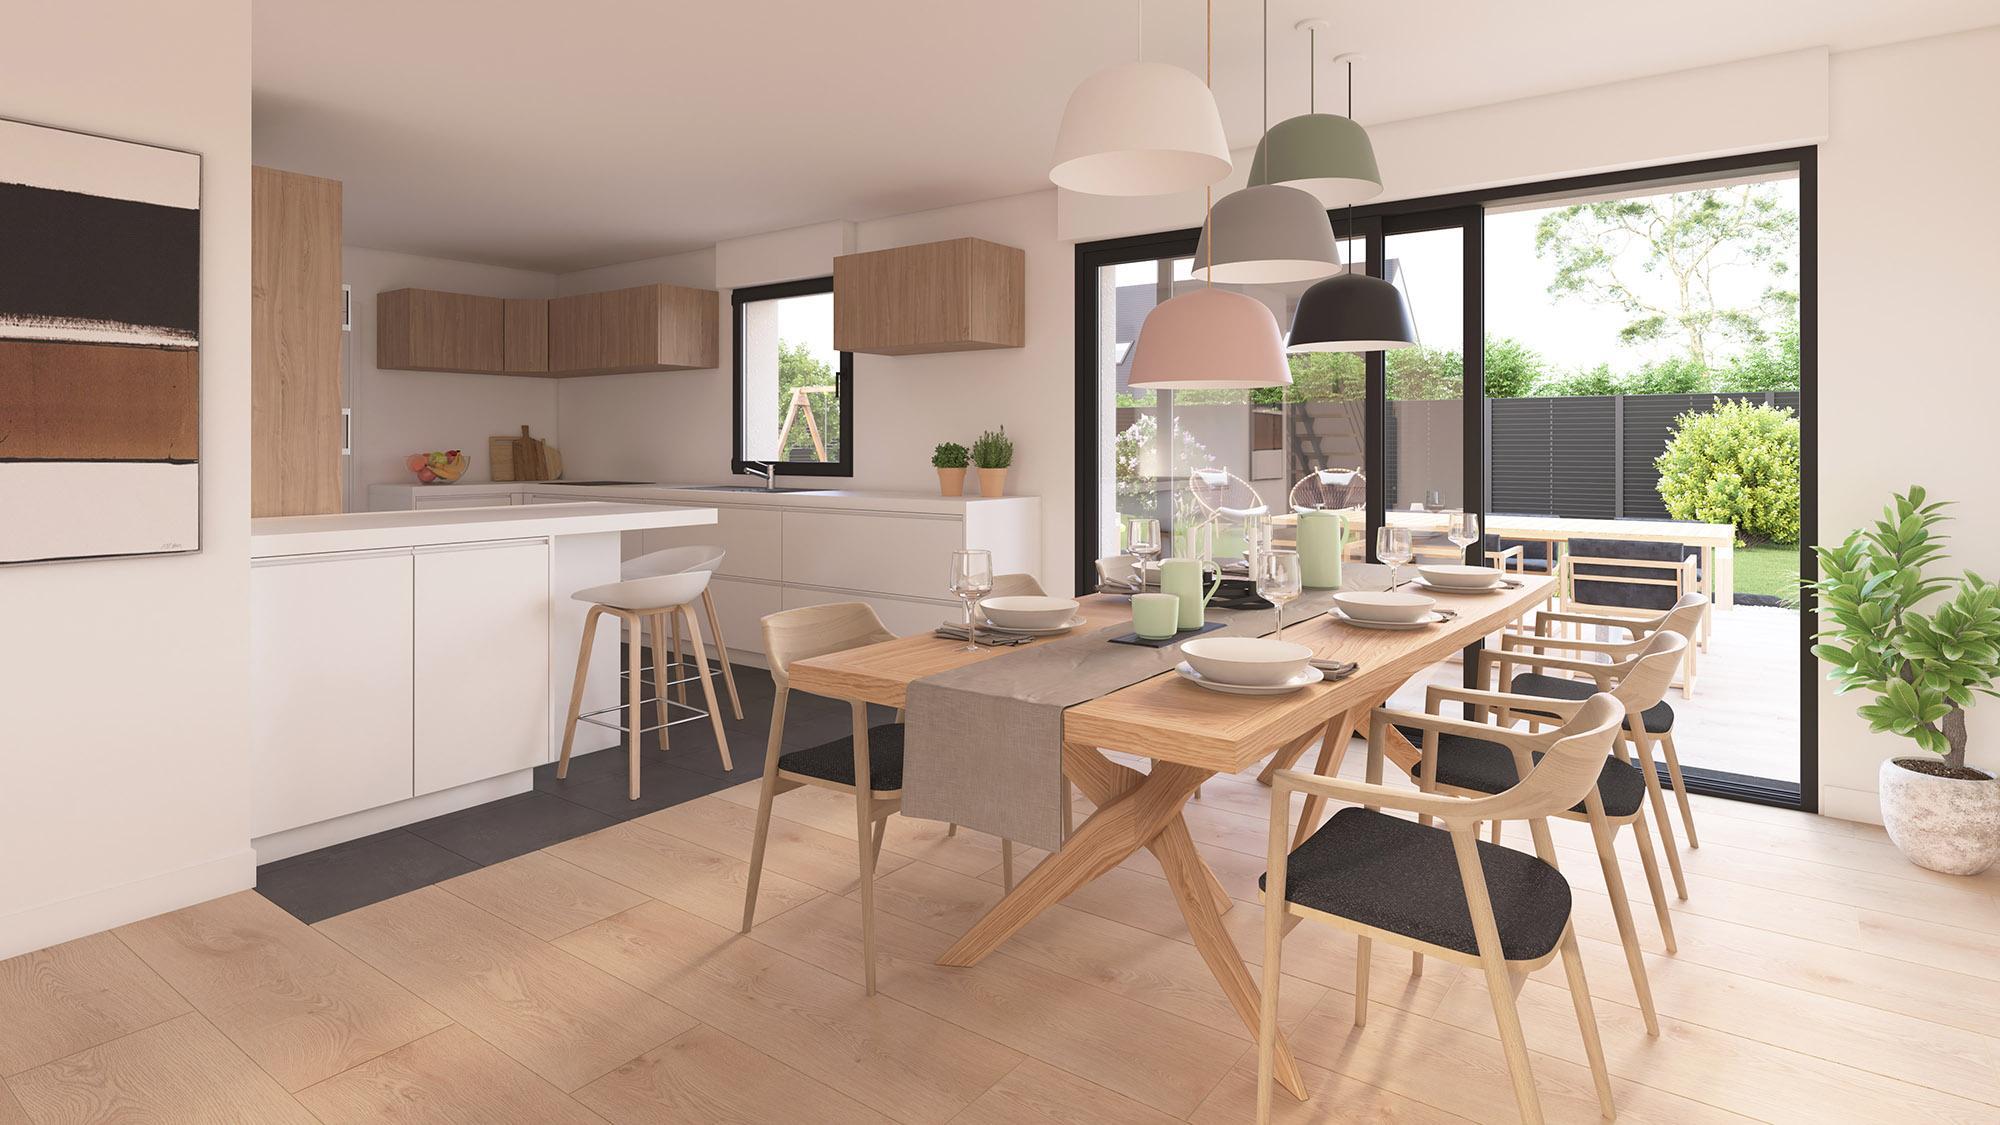 Maisons + Terrains du constructeur MAISON CASTOR REIMS • 116 m² • REIMS